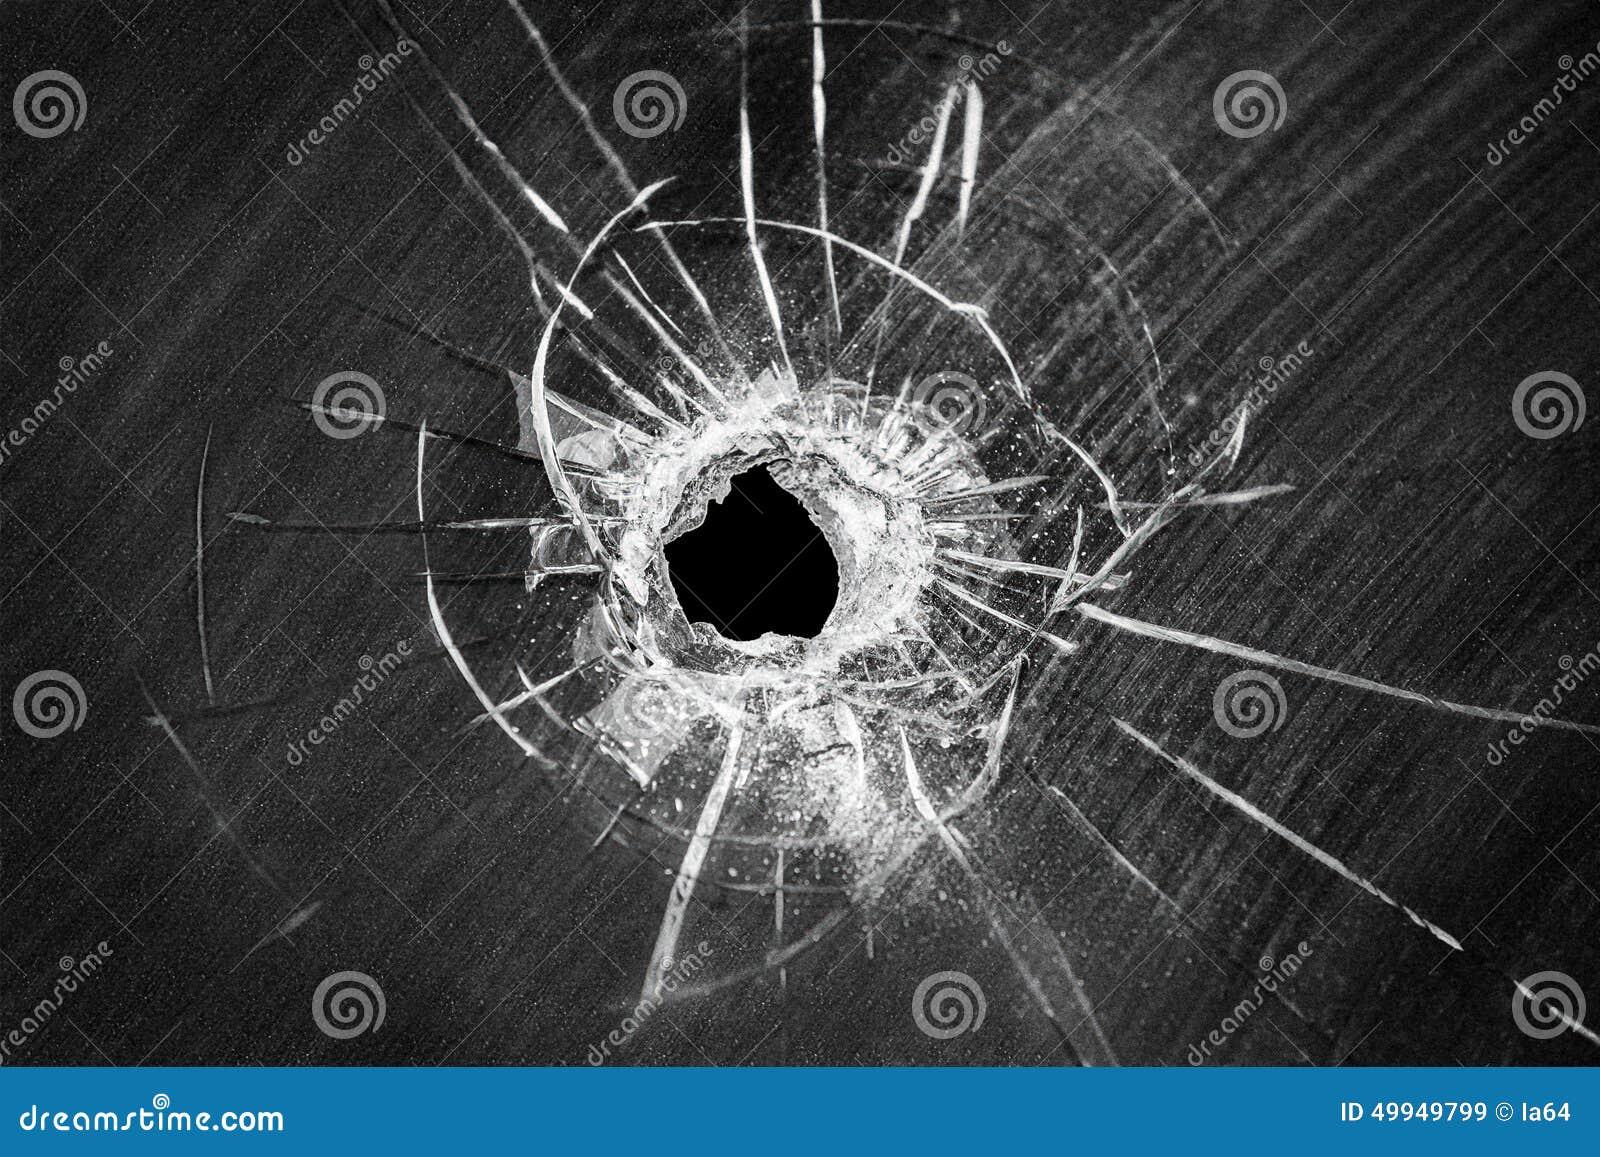 Trou criqué tiré par balle sur le verre de fenêtre cassé